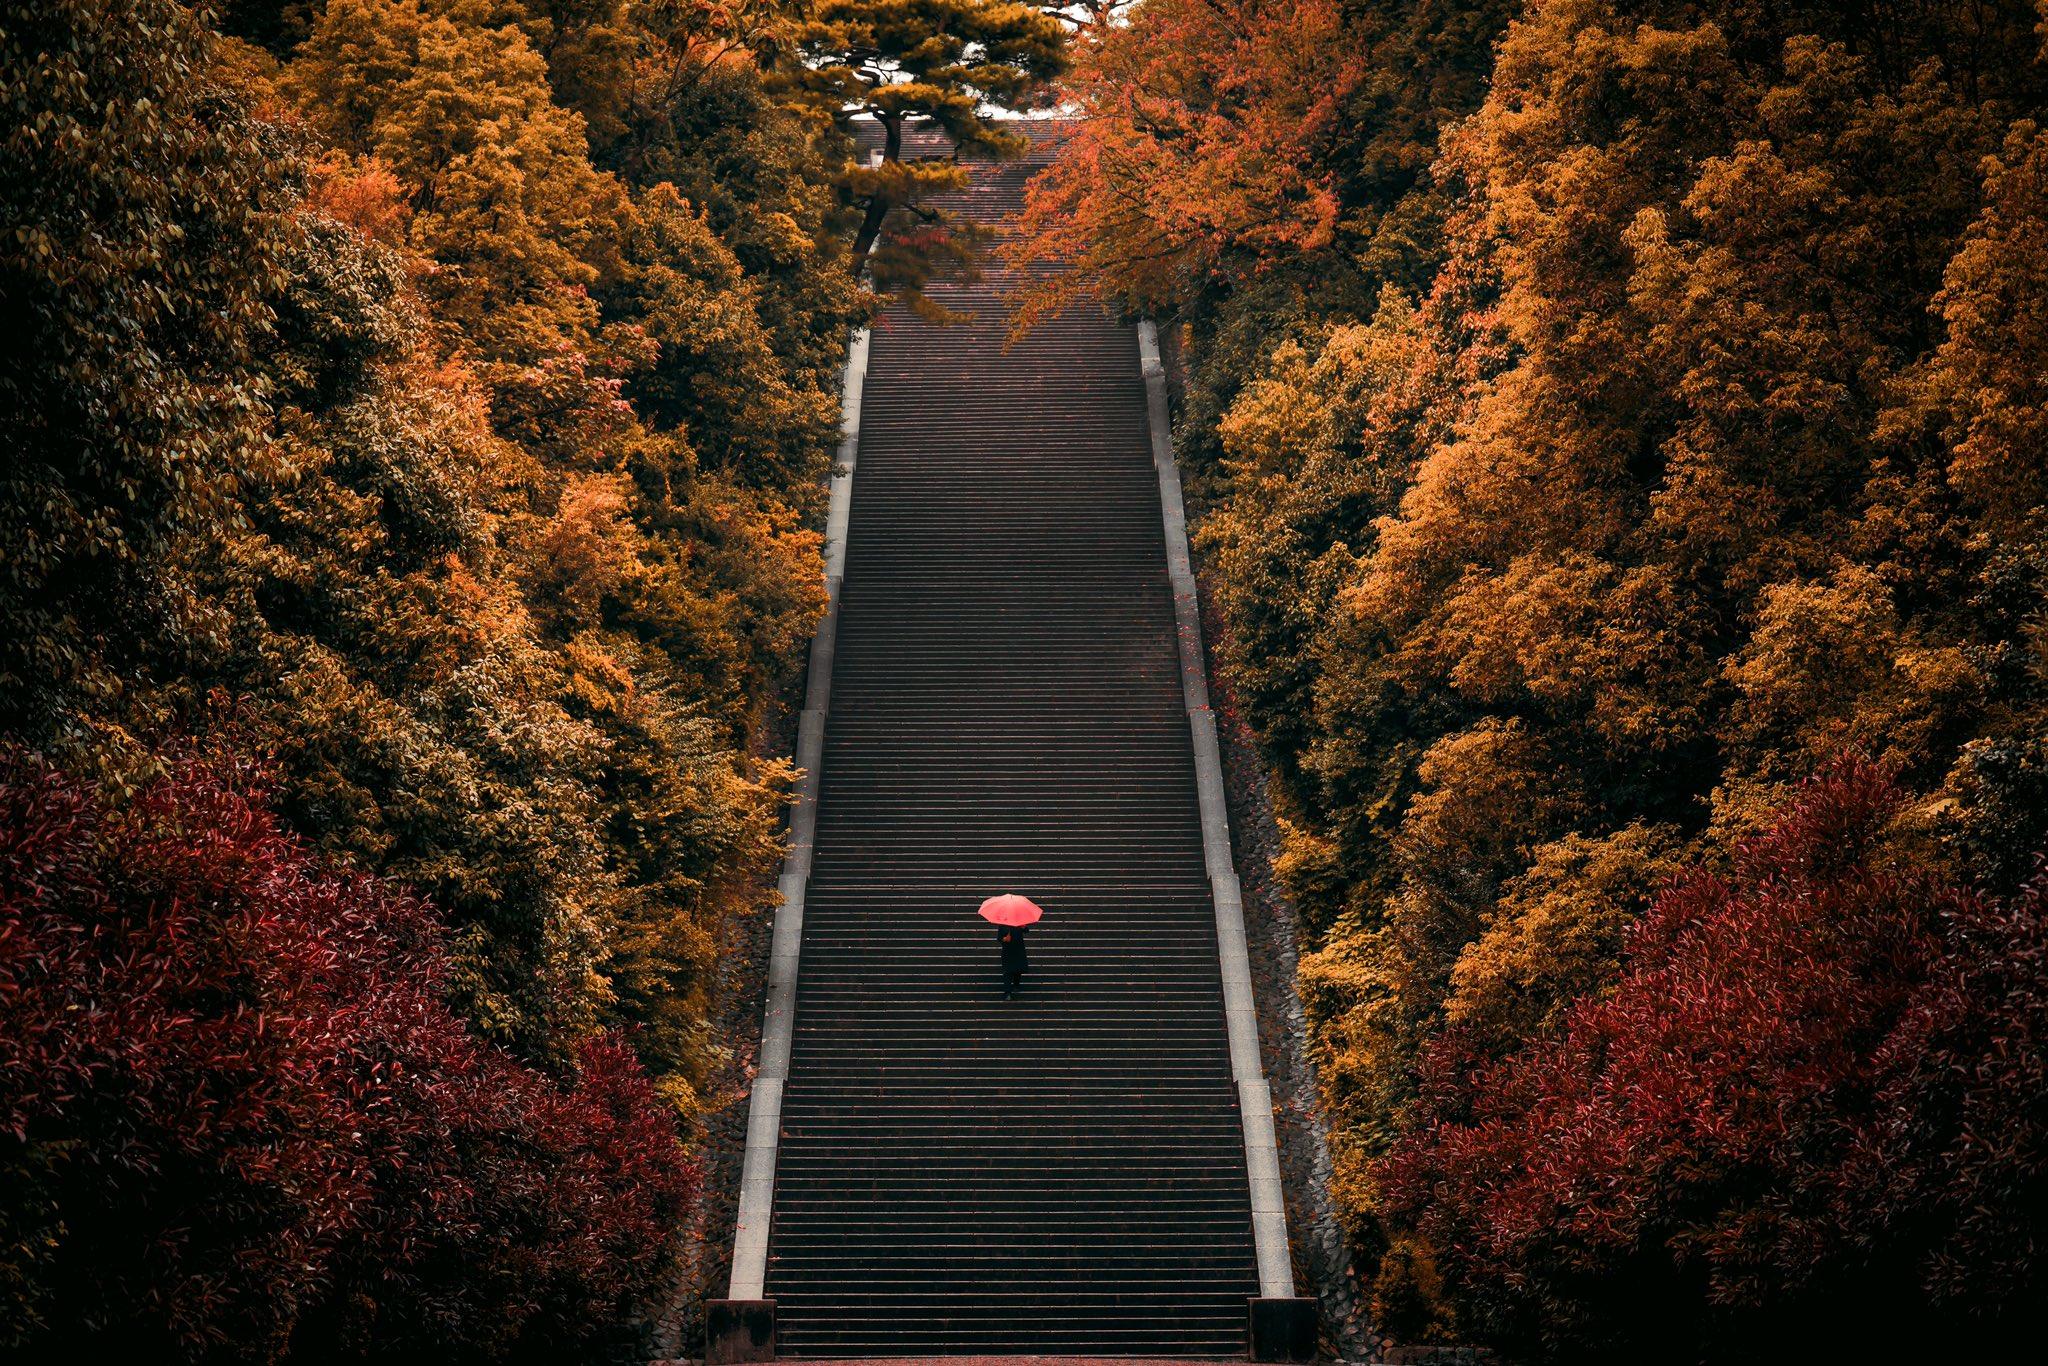 【京都伏見桃山御陵の階段】京都駅ビル大階段より圧巻な大階段・圧巻される!!!!!